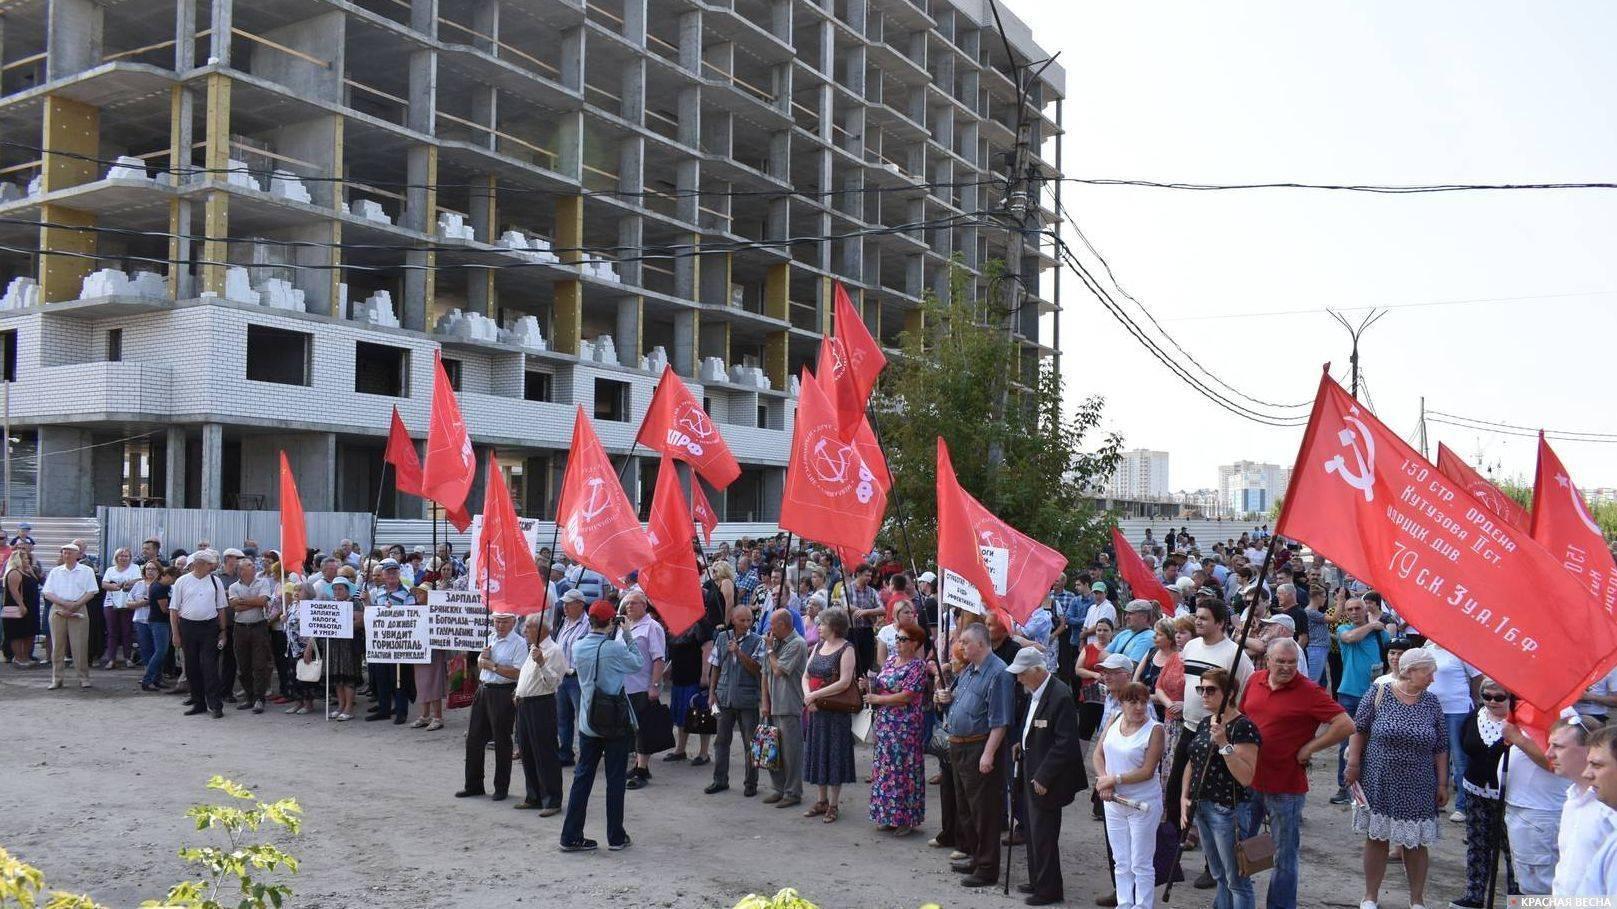 Митинг против пенсионной реформы. Брянск. 2 сентября 2018 года